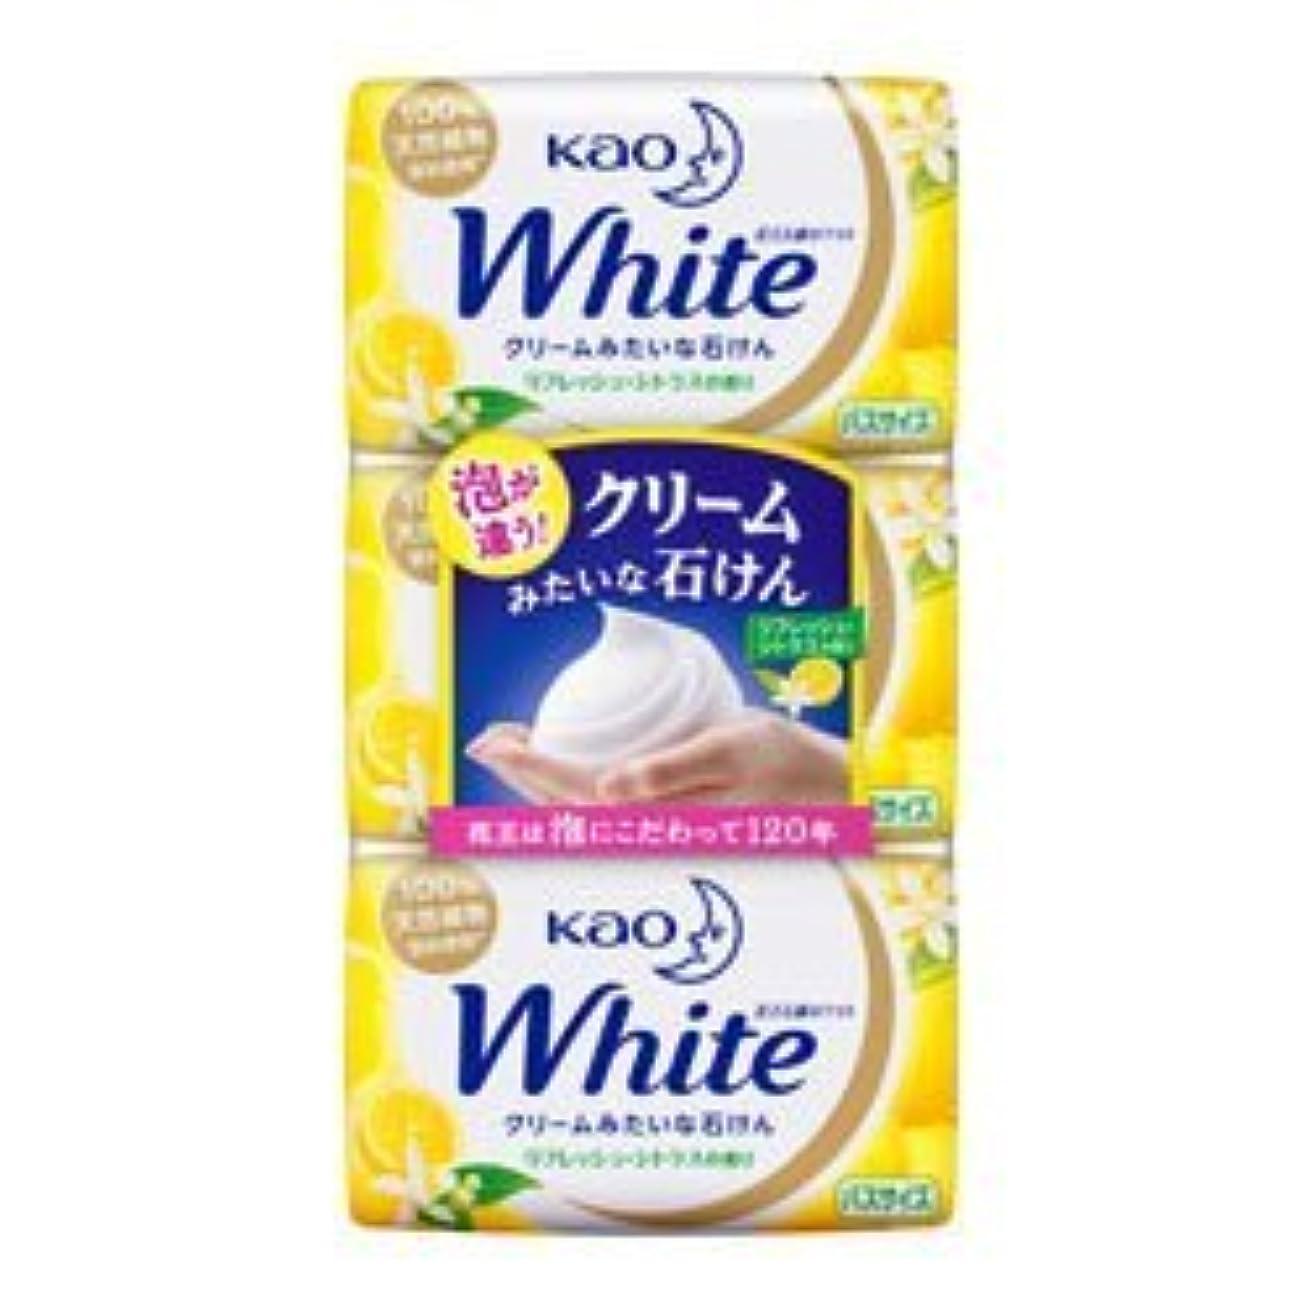 に対処する気づかない矩形【花王】ホワイト リフレッシュ?シトラスの香り バスサイズ 130g×3個入 ×3個セット